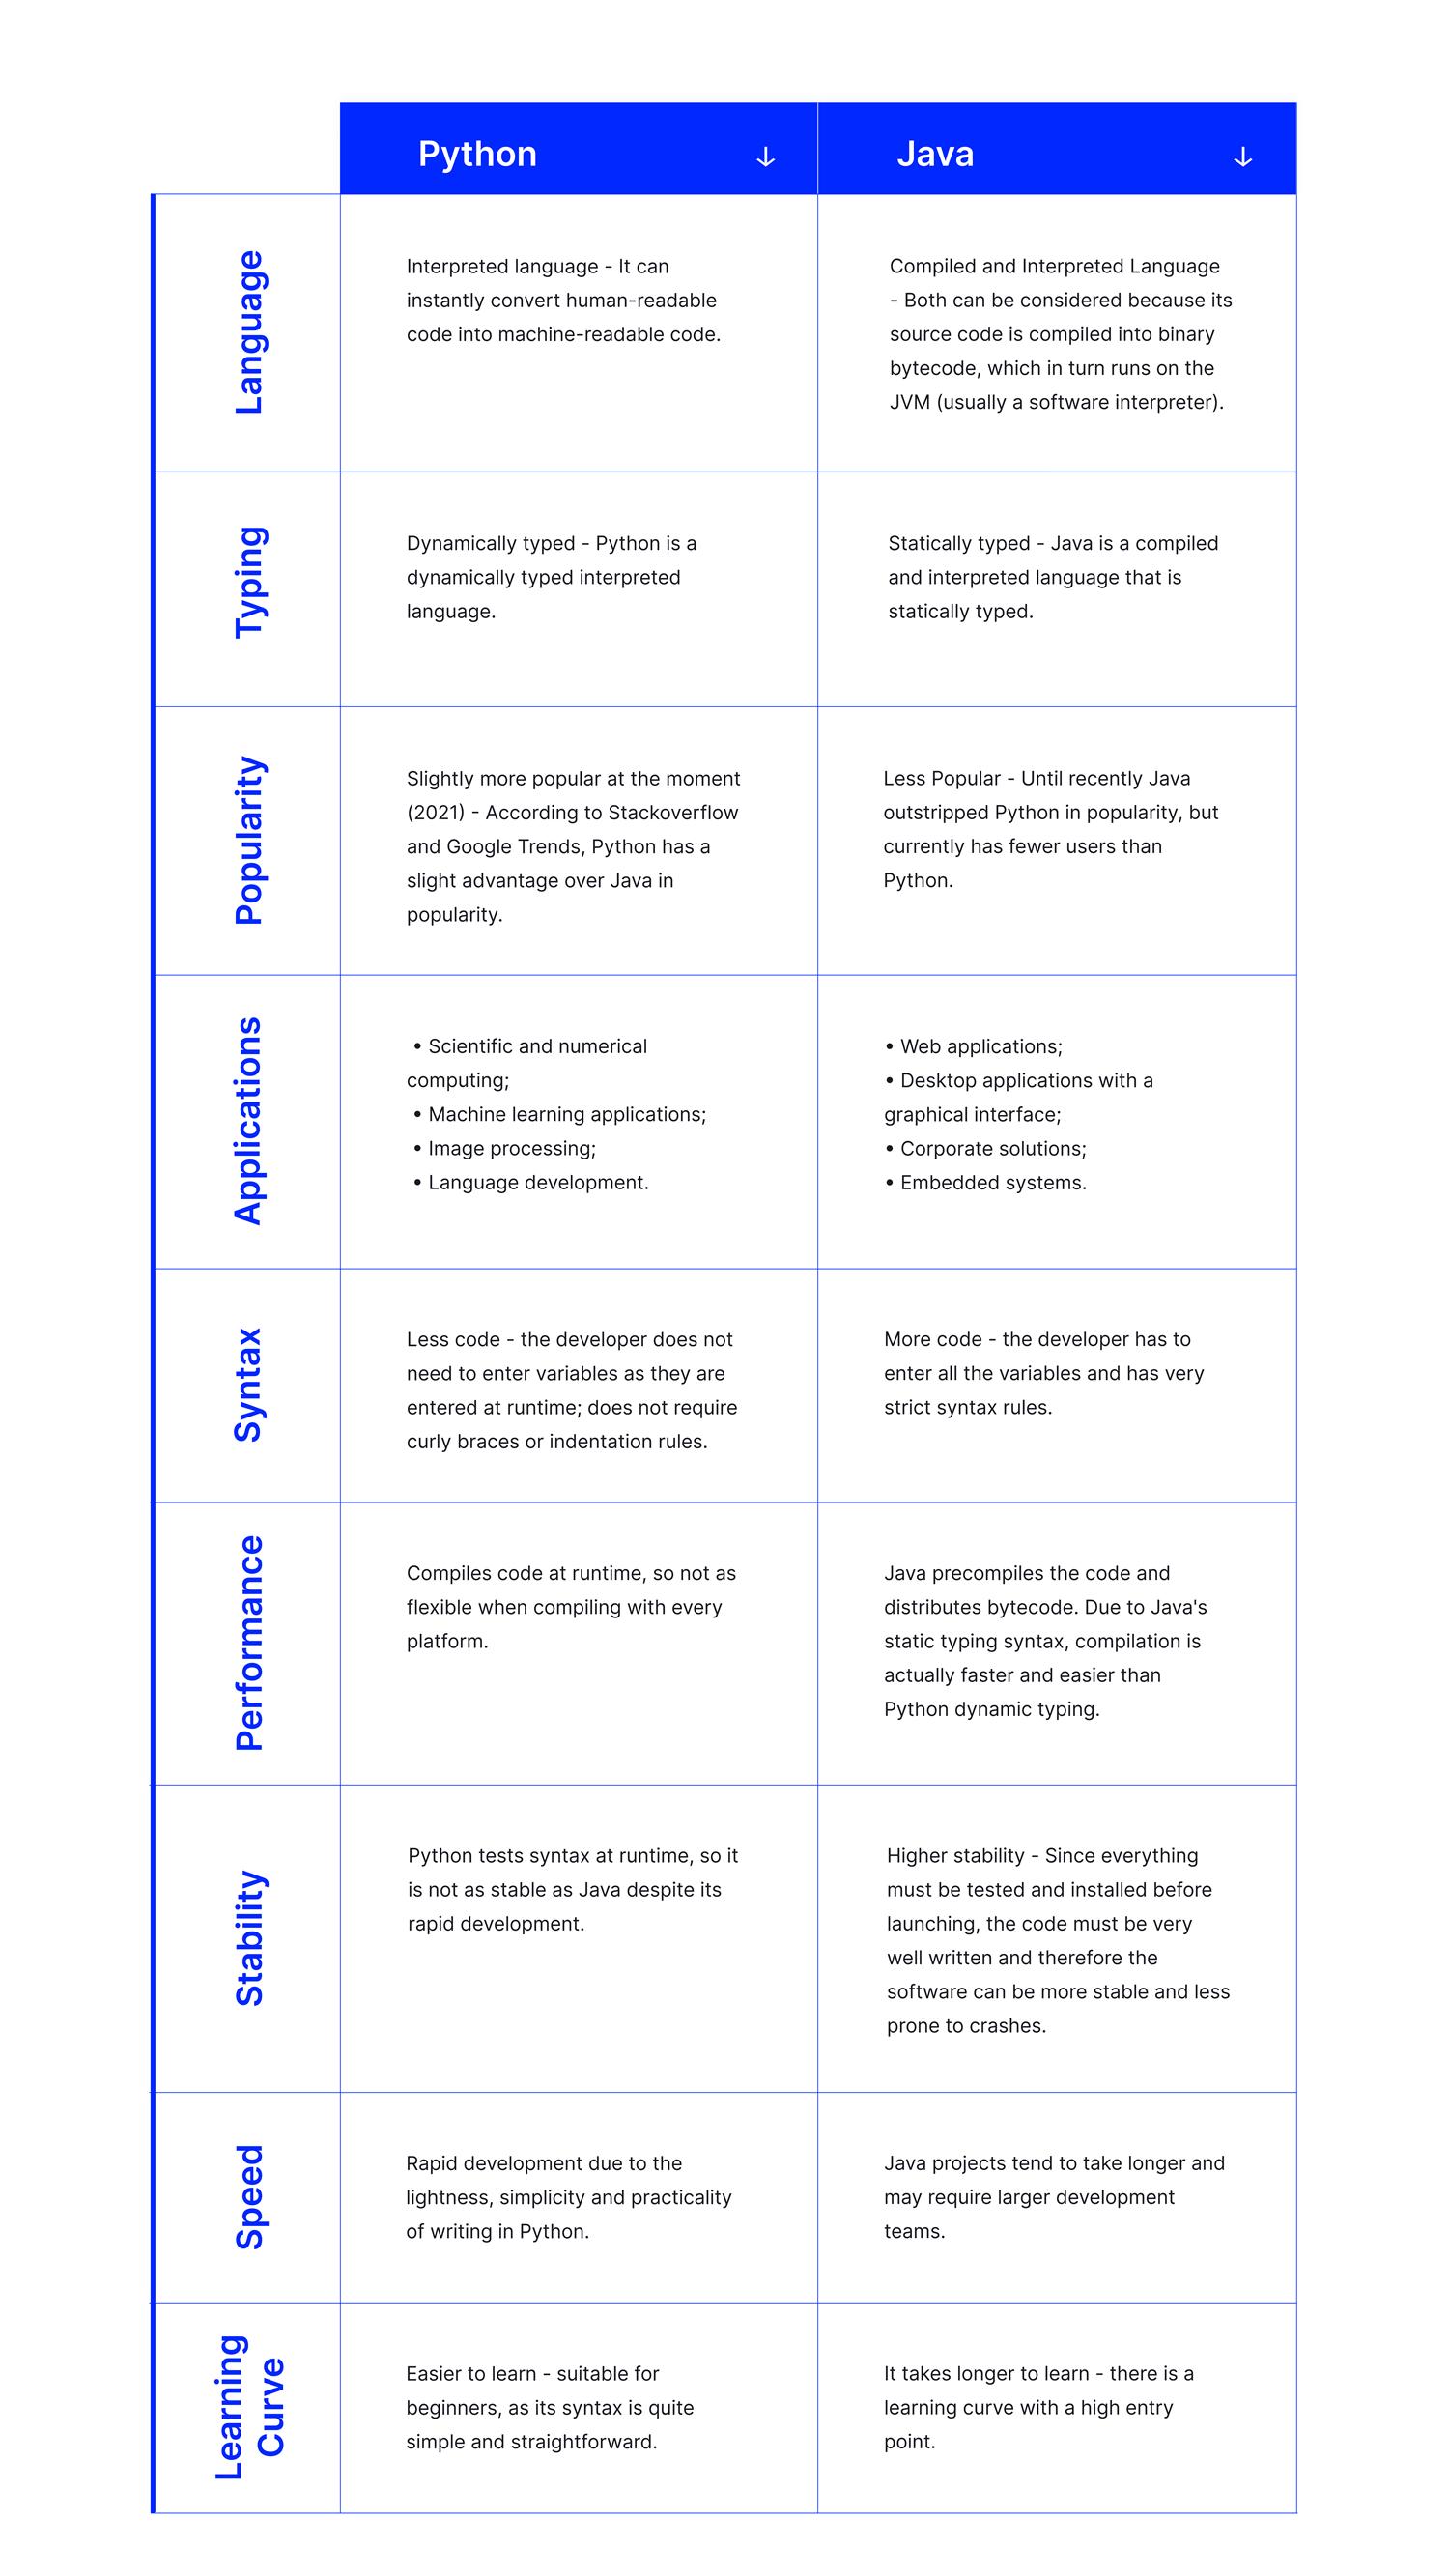 java vs python summary table